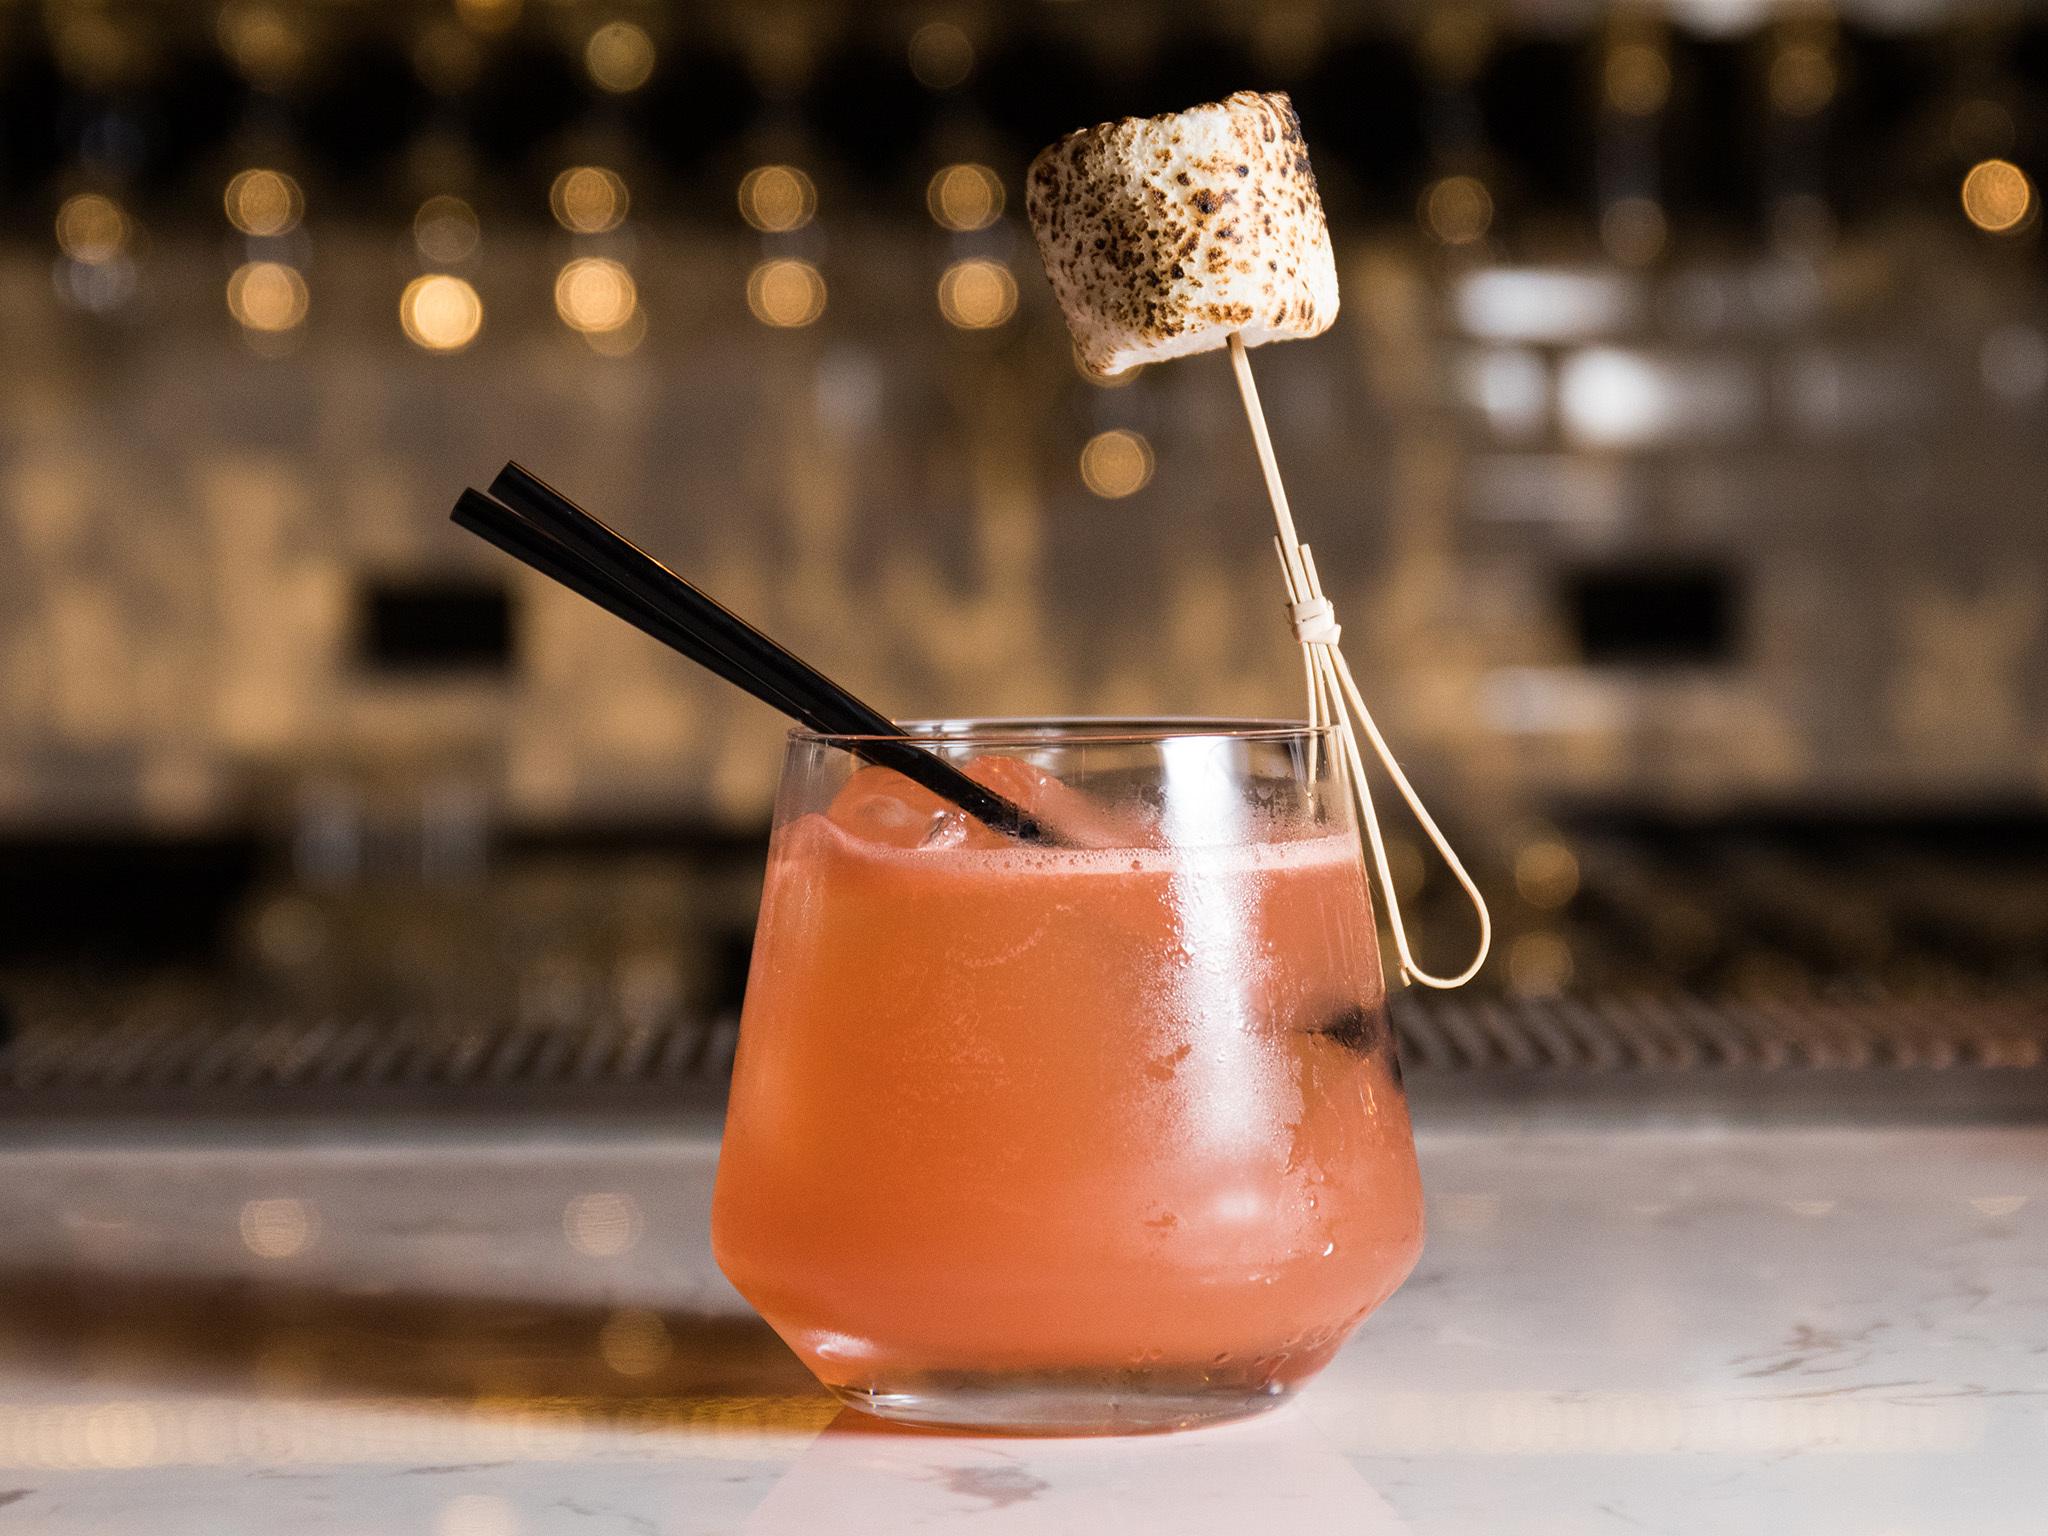 สุดยอด Cocktail Bar ในกรุงเทพฯ